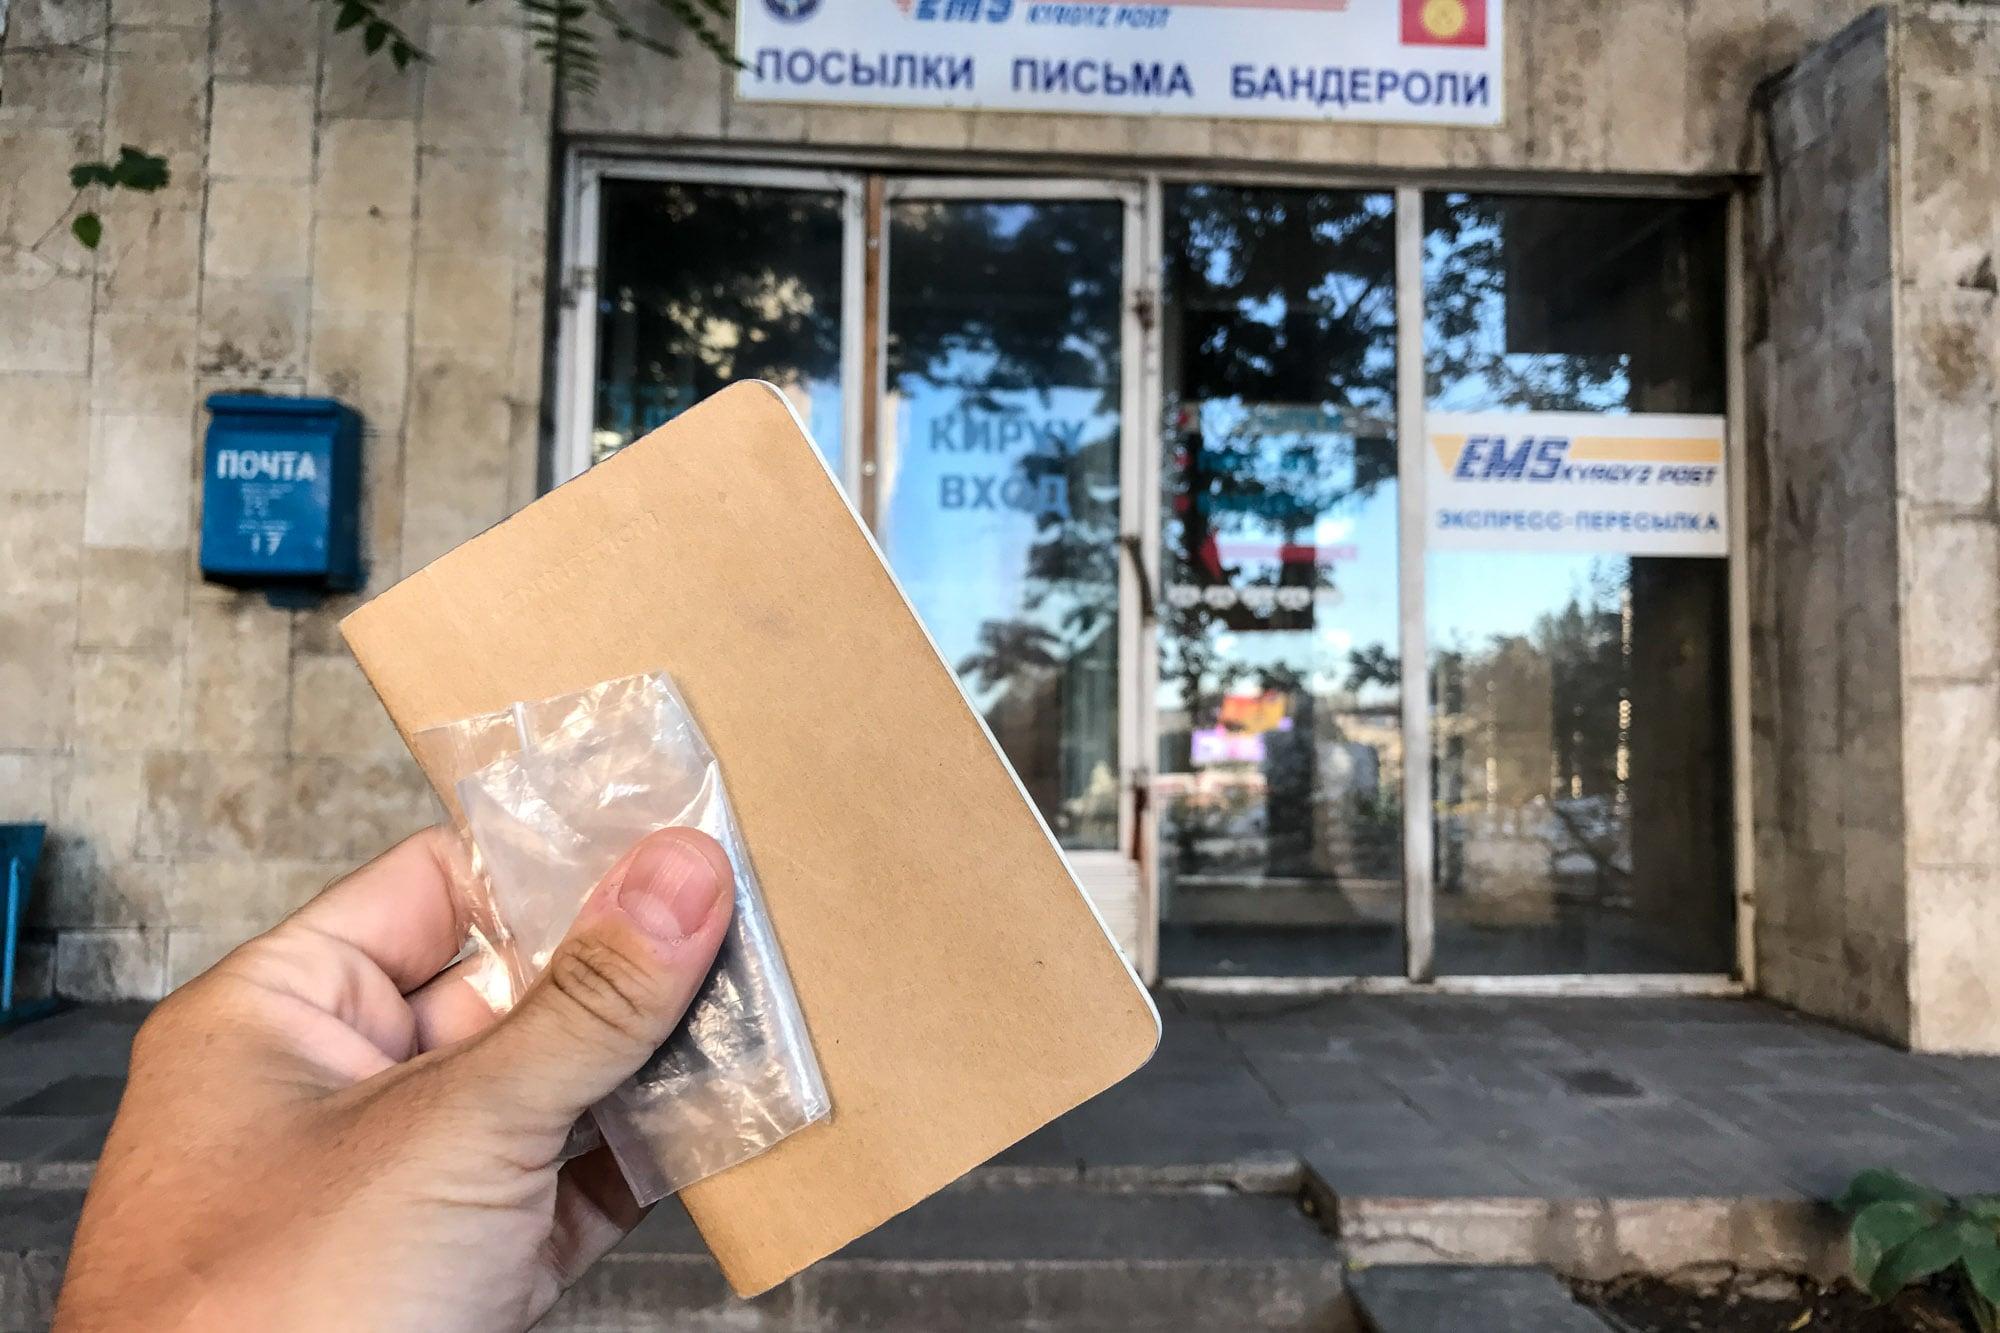 mailing stuff